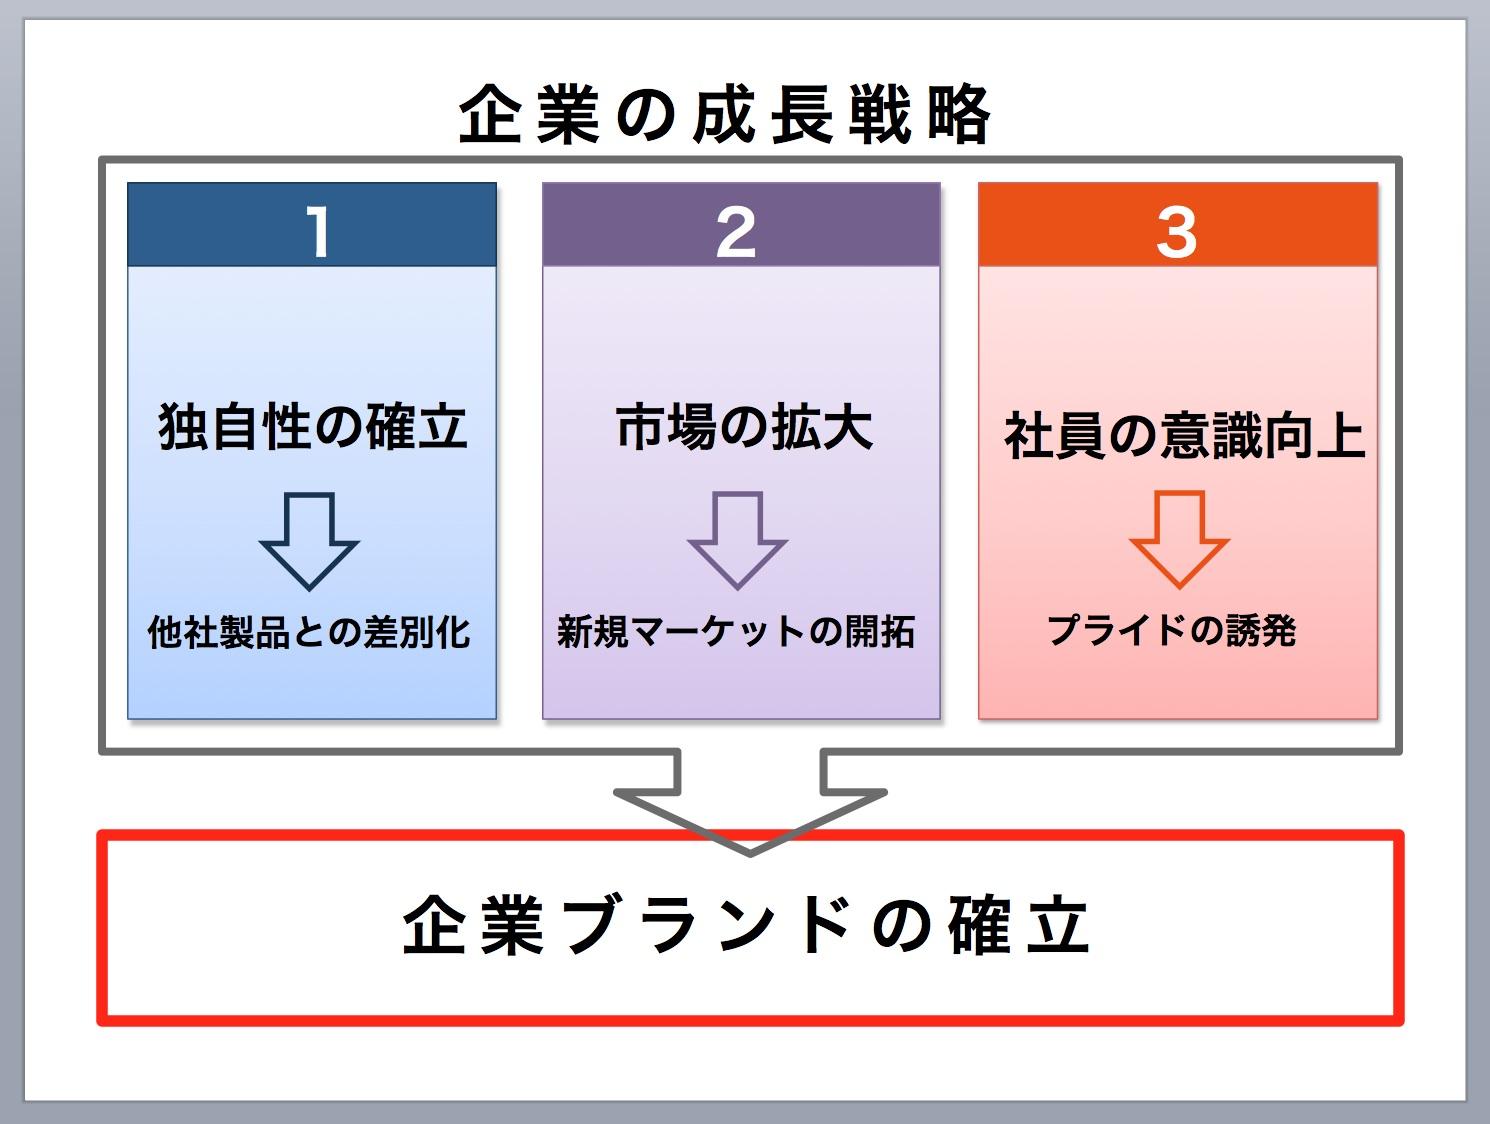 東京エルグデザイン二階堂隆